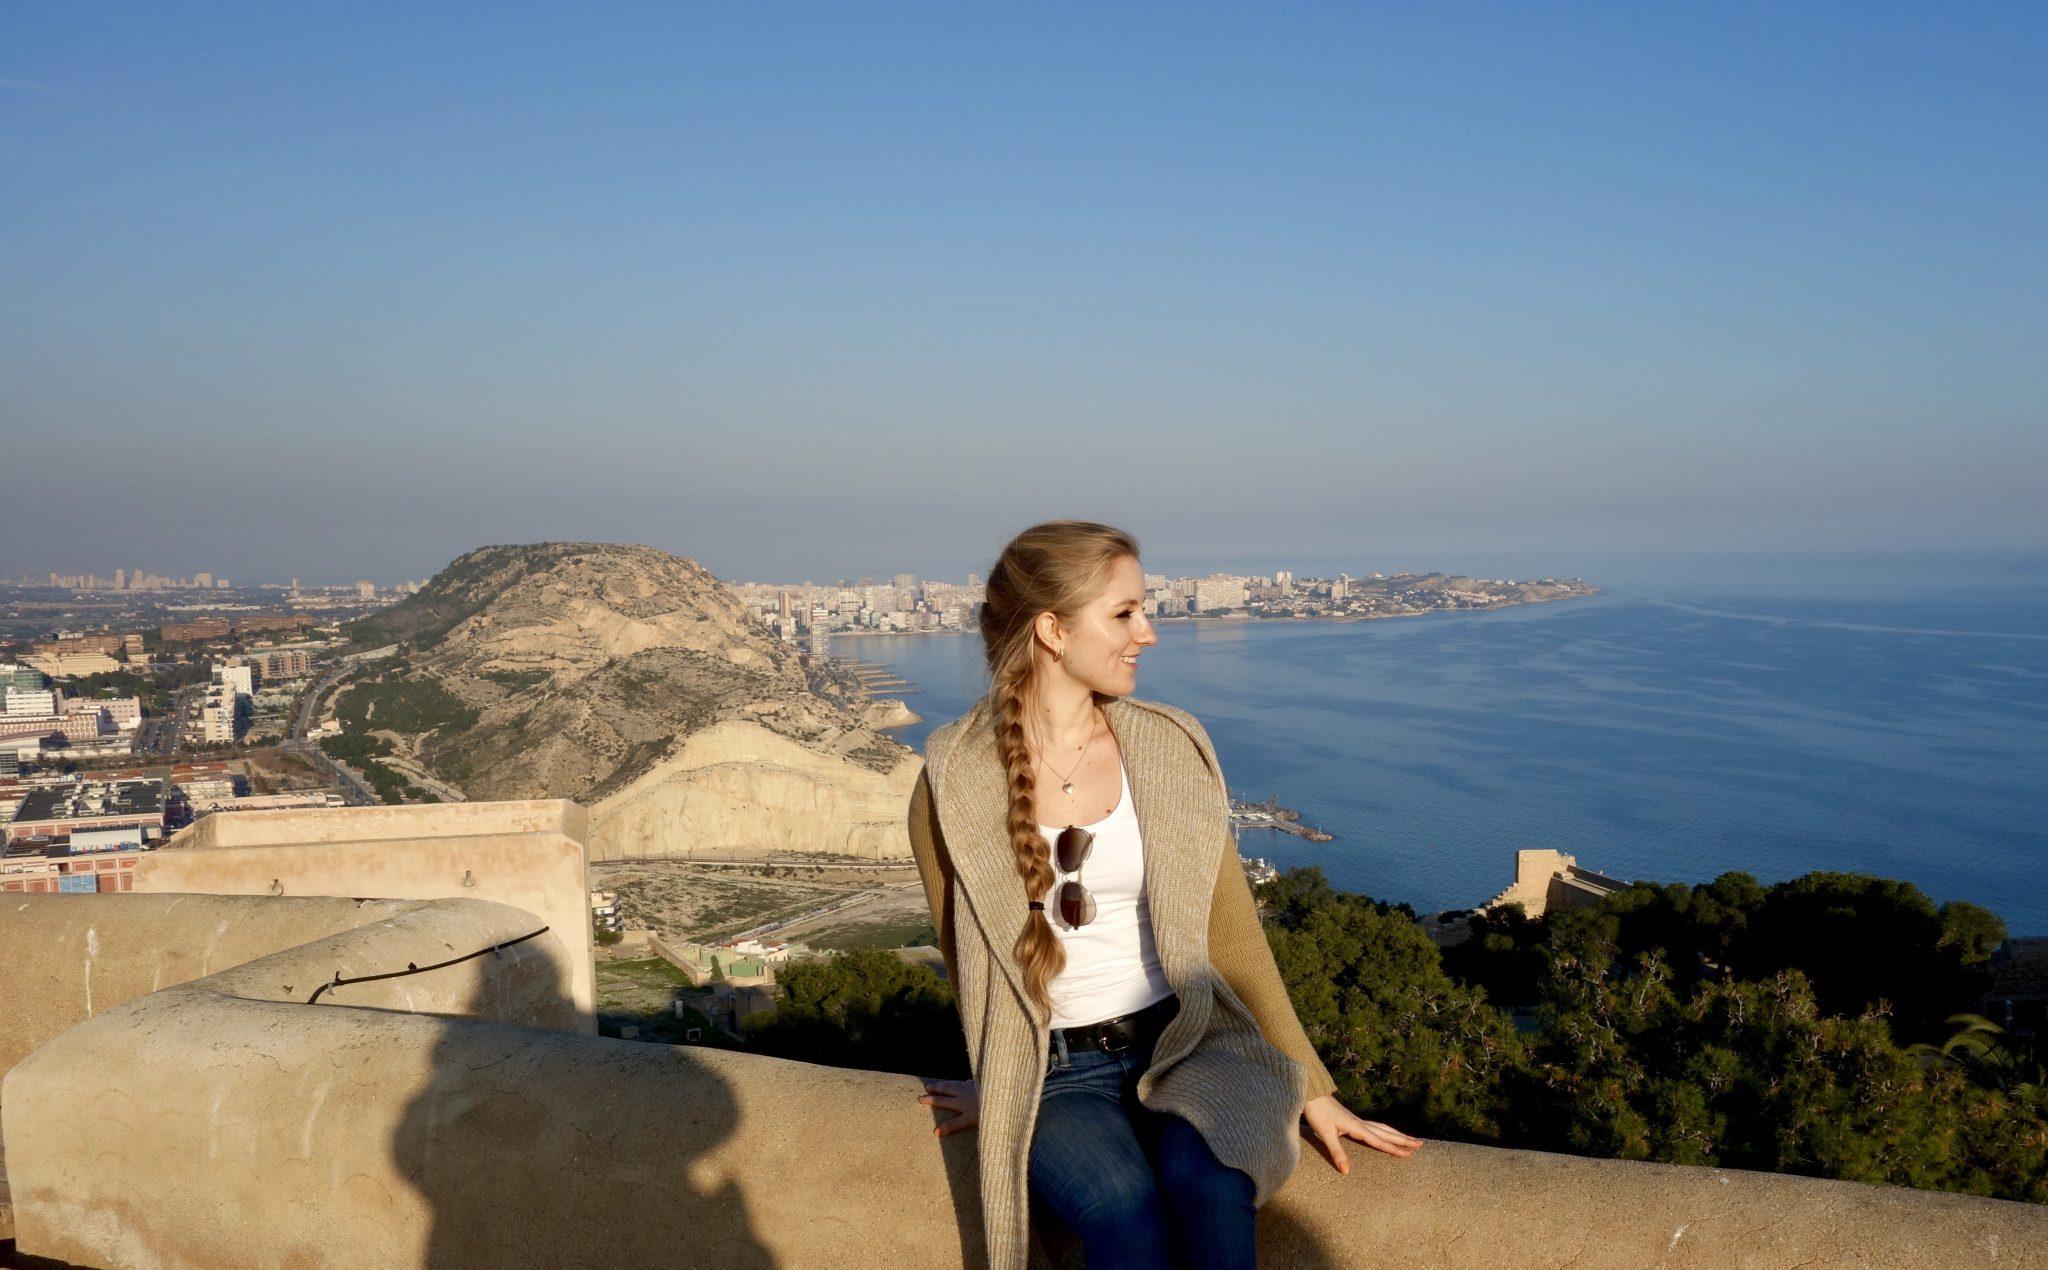 Alicante, Castillo de Santa Bárbara: Besonders schön ist es, das weite Meer von dort oben sehen zu können.